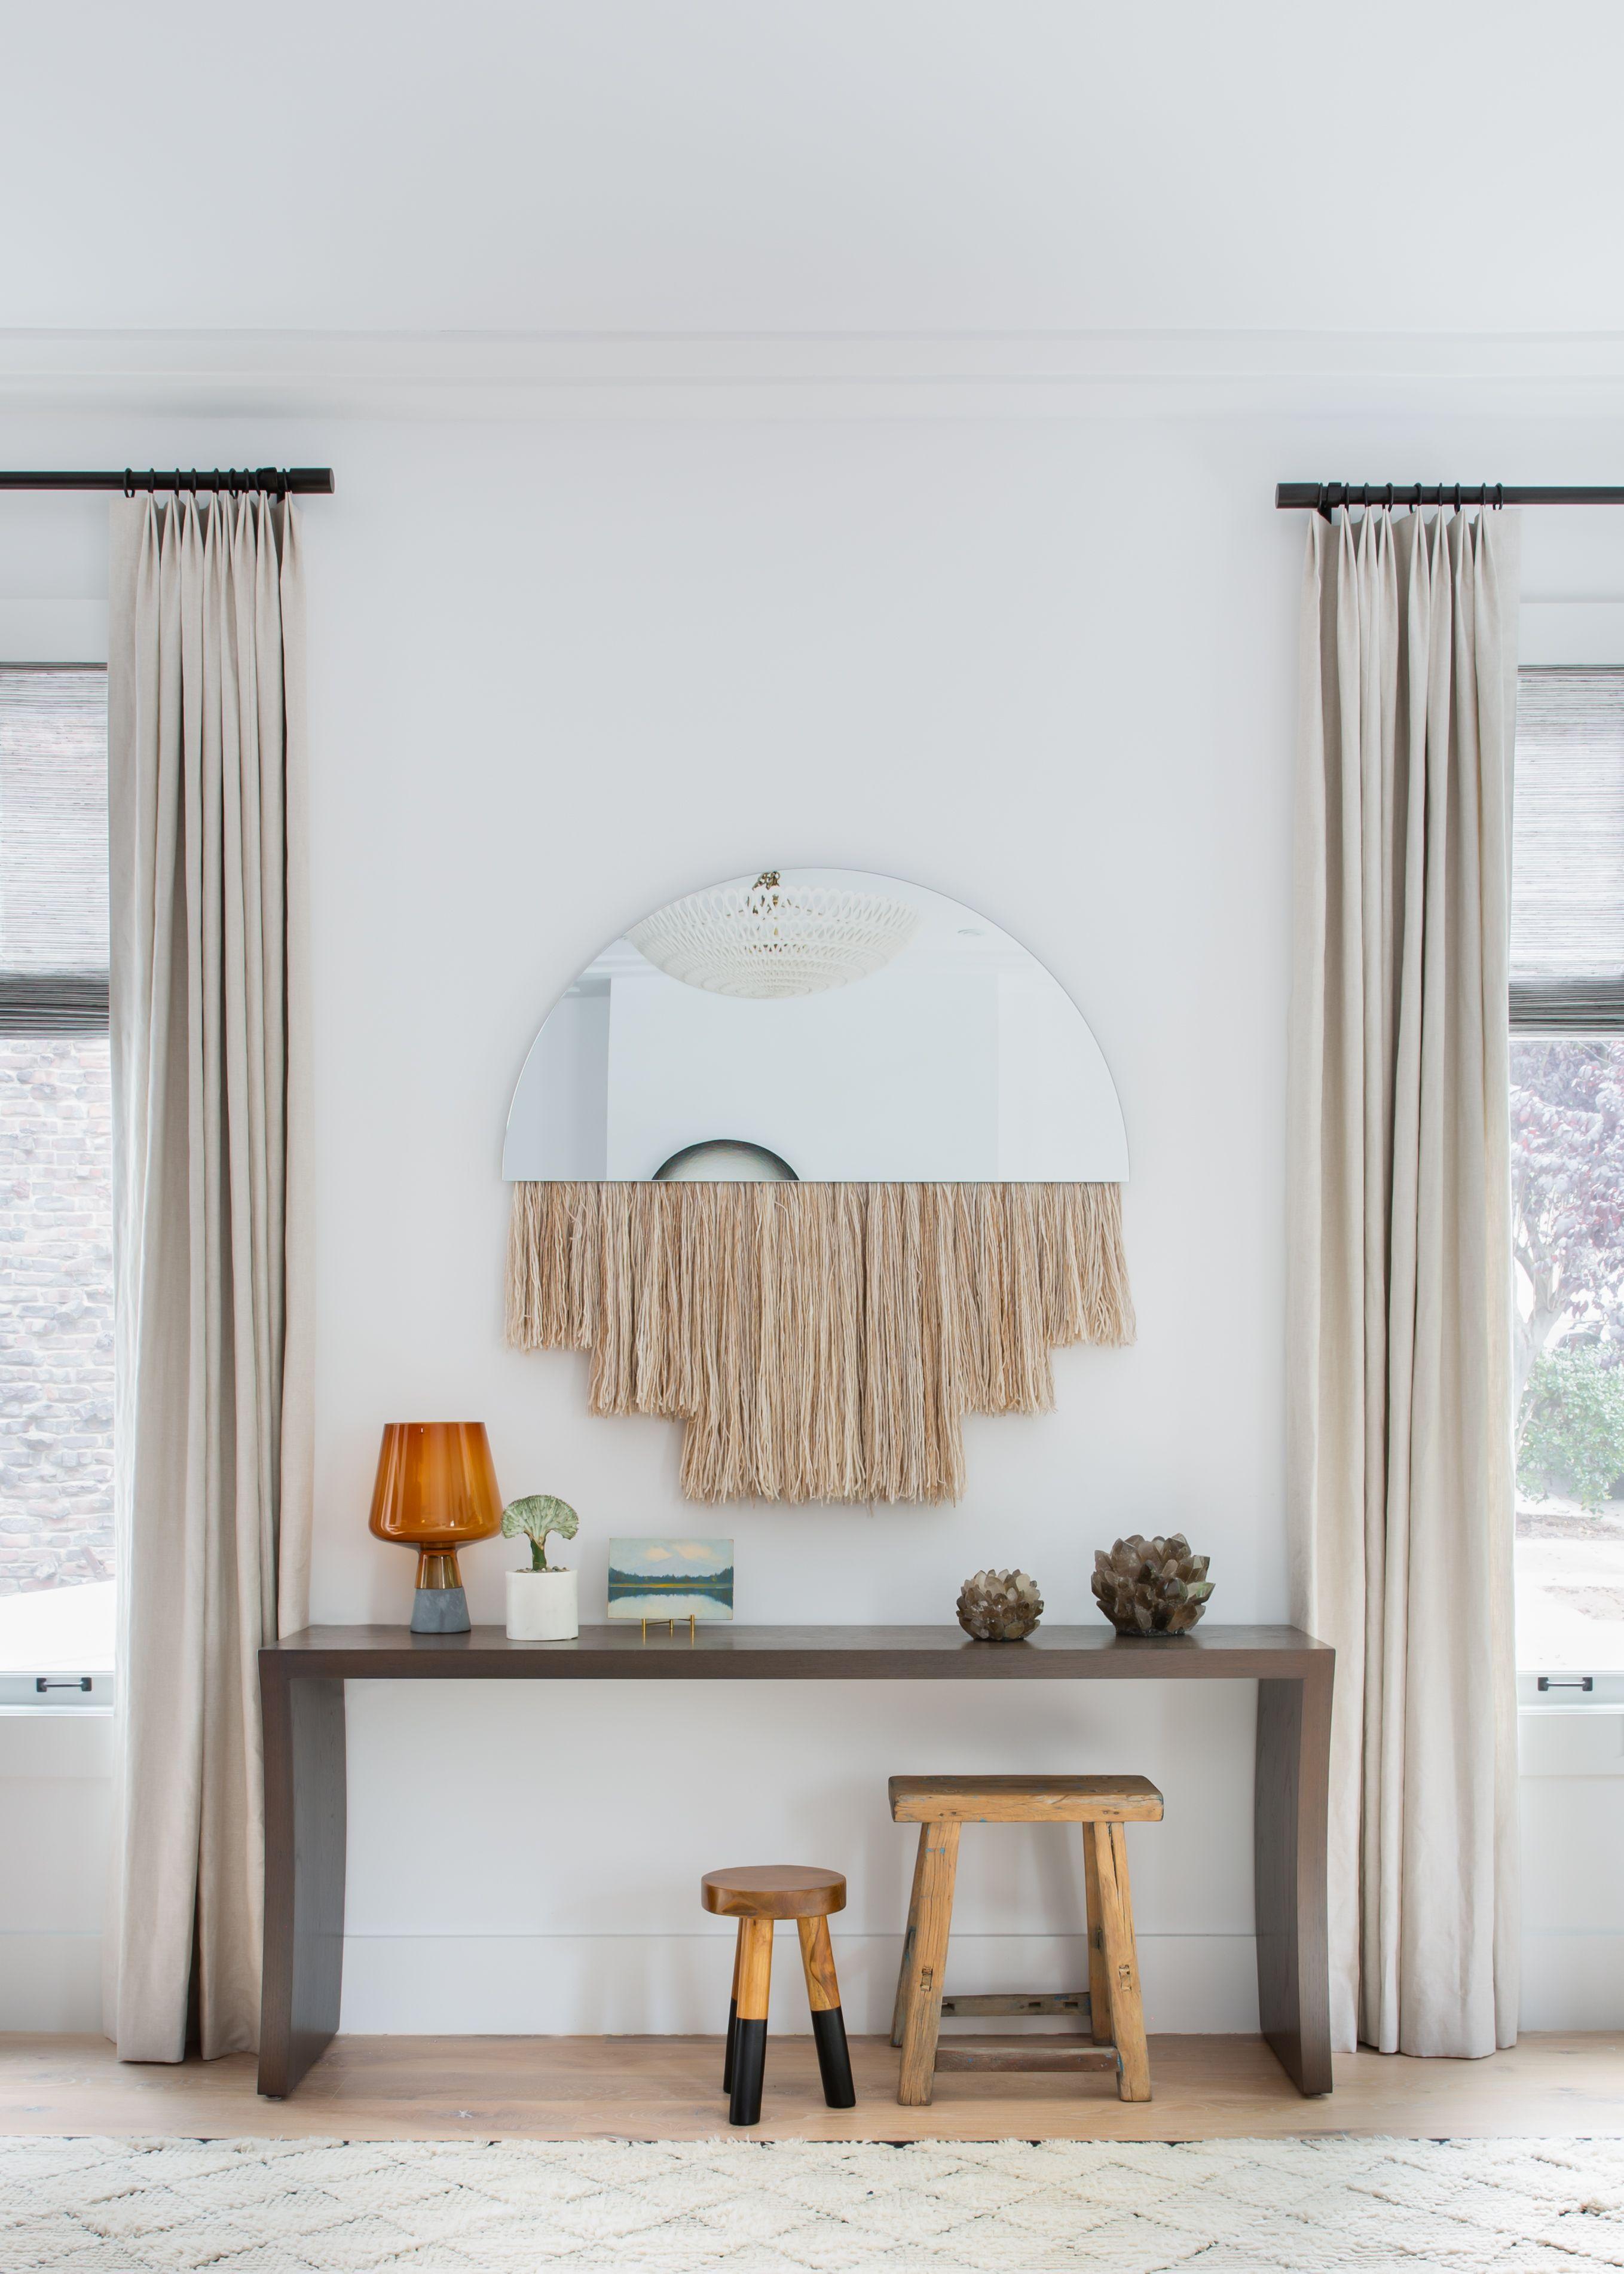 Cool Sunken Living Room Ideas For Your Dreamed House: Neural, Bohemian, Textured Living Room Corner By Regan Baker Design